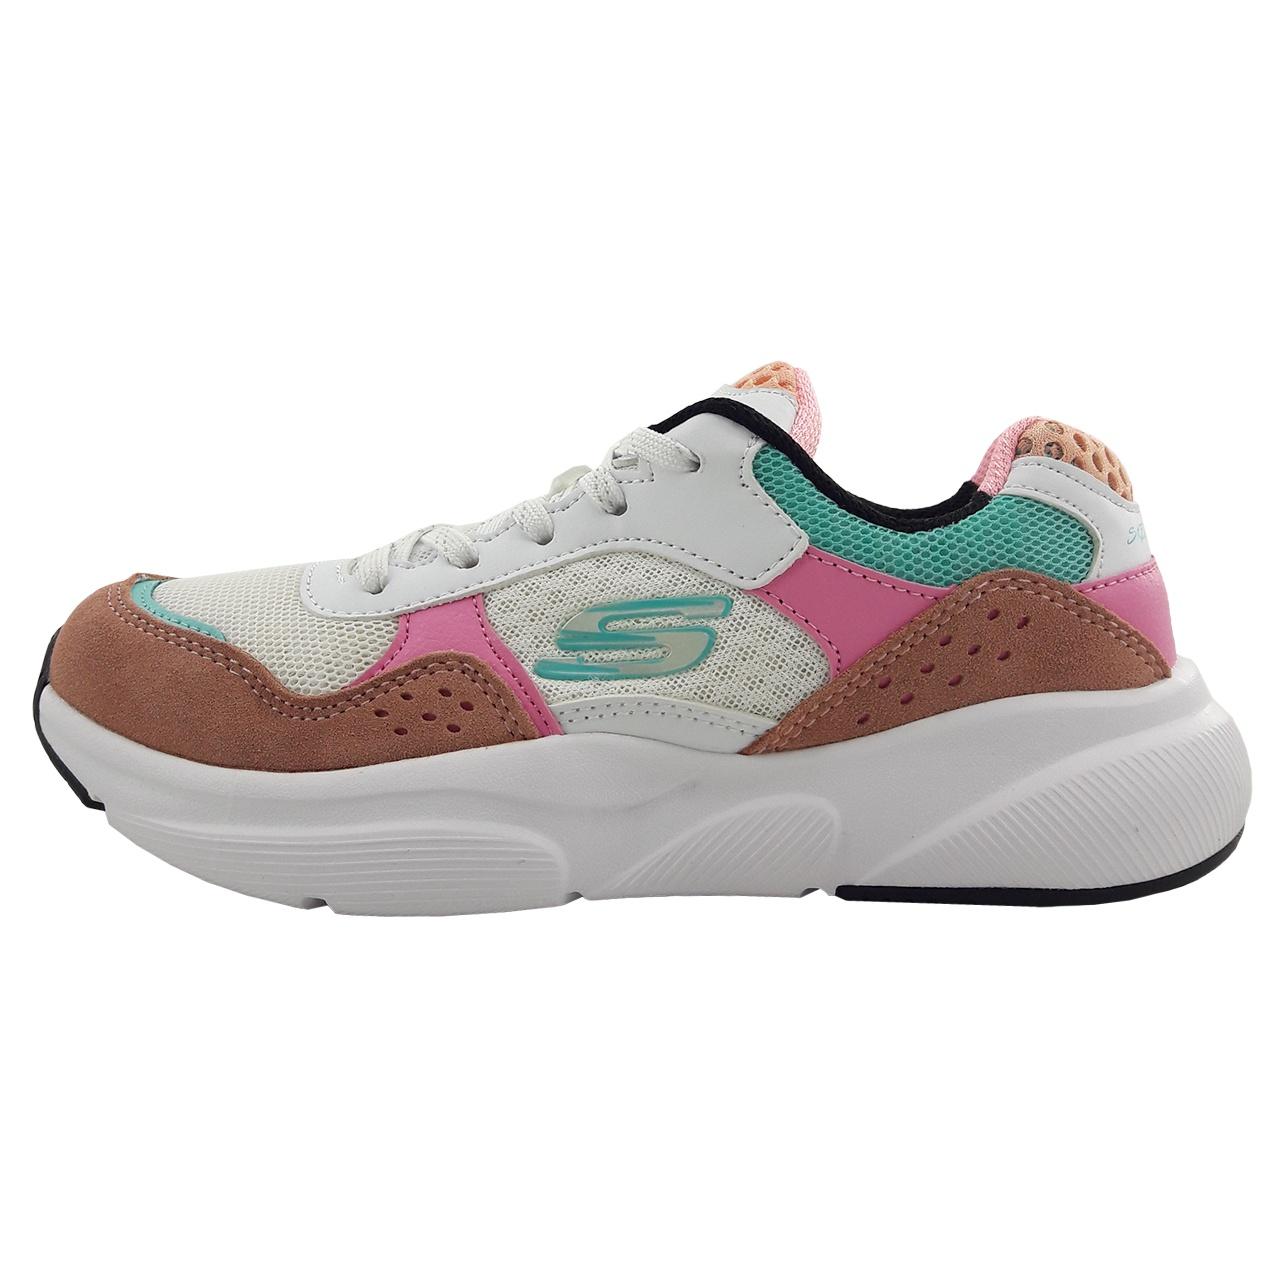 کفش مخصوص پیاده روی زنانه اسکچرز مدل Charted